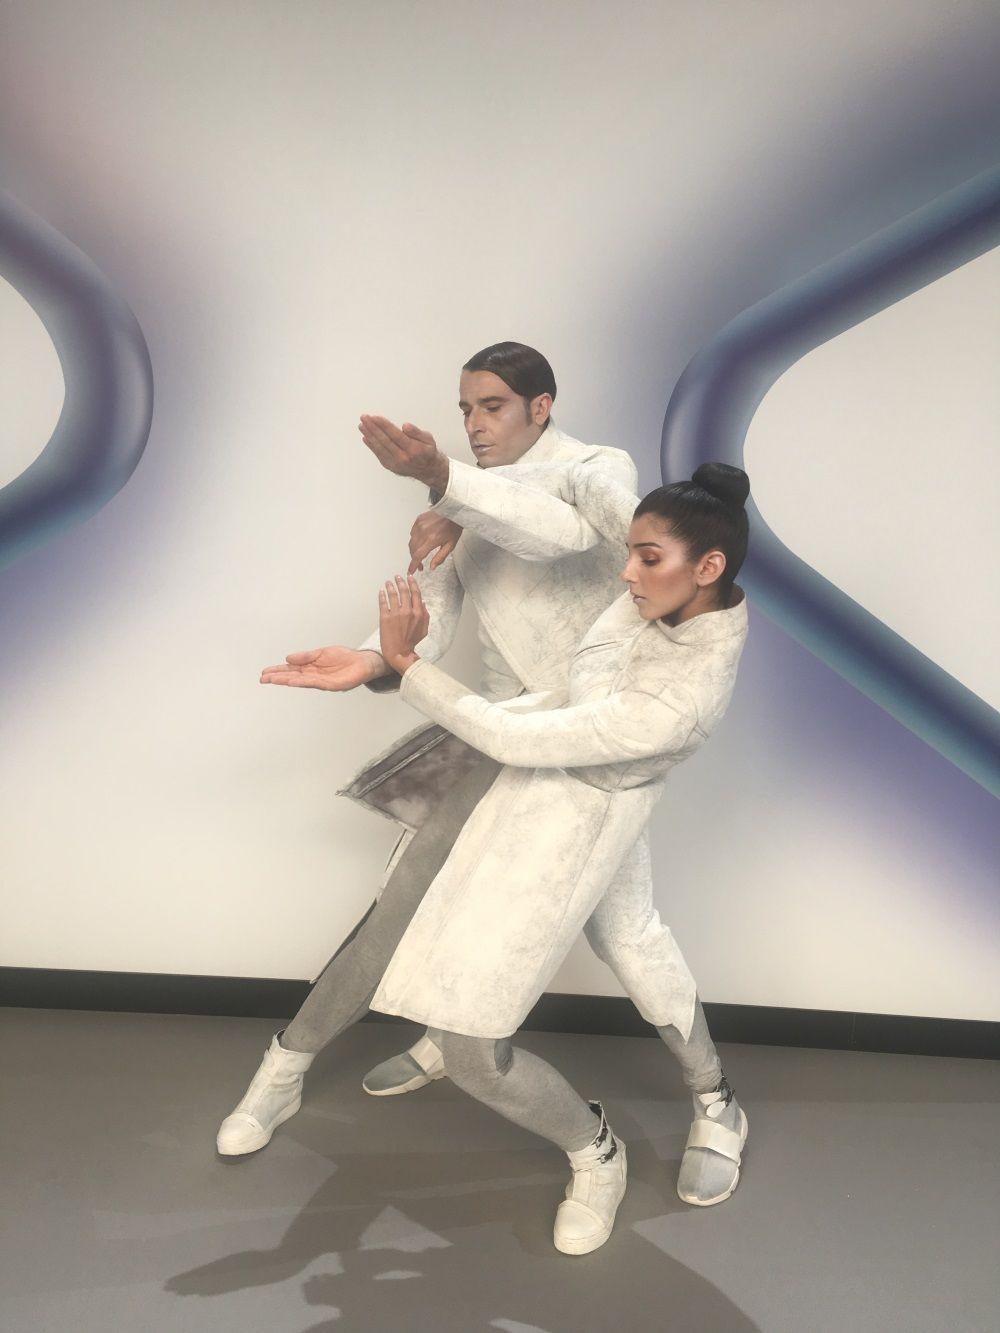 Dancem presenta en el MWC 2019 el nuevo móvil Mate X de Huawei